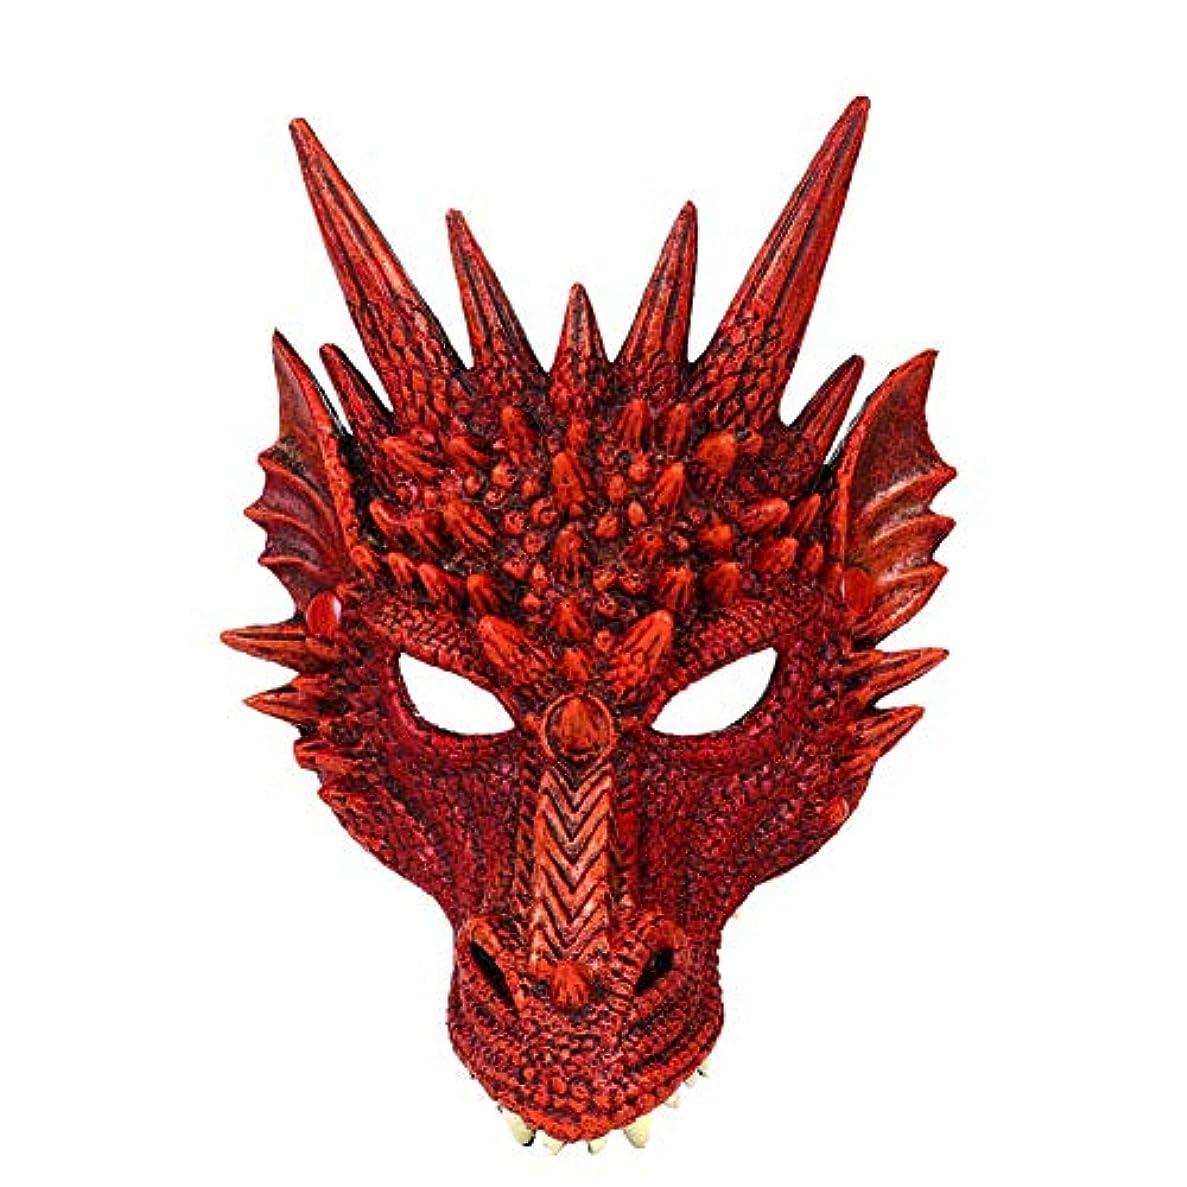 芽レビュアーセミナーEsolom 4Dドラゴンマスク ハーフマスク 10代の子供のためのハロウィンコスチューム パーティーの装飾 テーマパーティー用品 ドラゴンコスプレ小道具